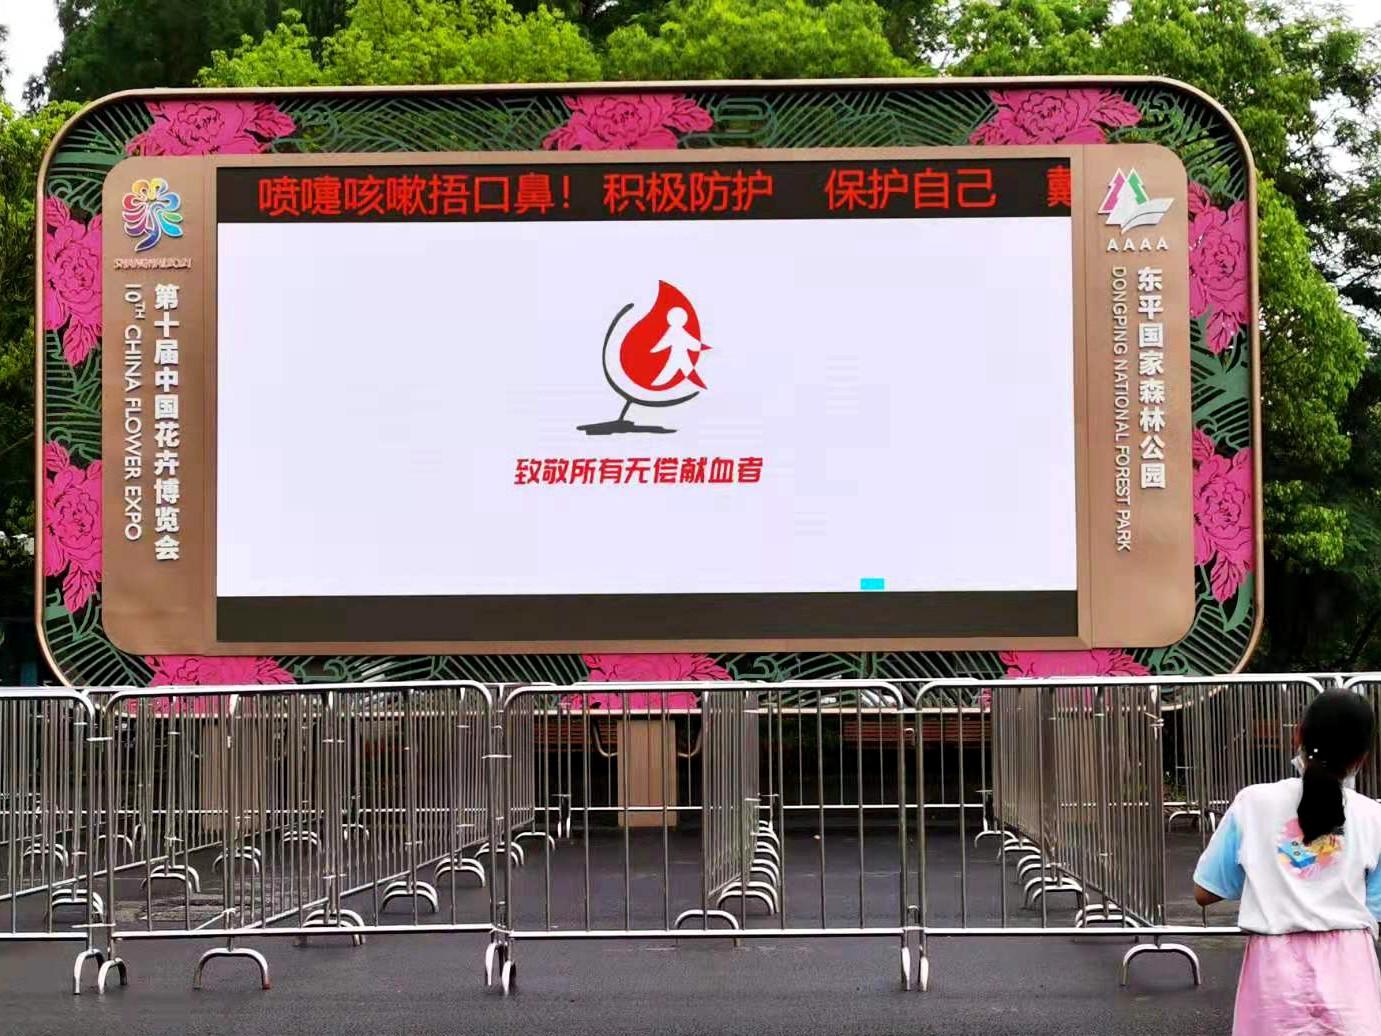 崇明区 第十届中国花卉博览会园区.jpg